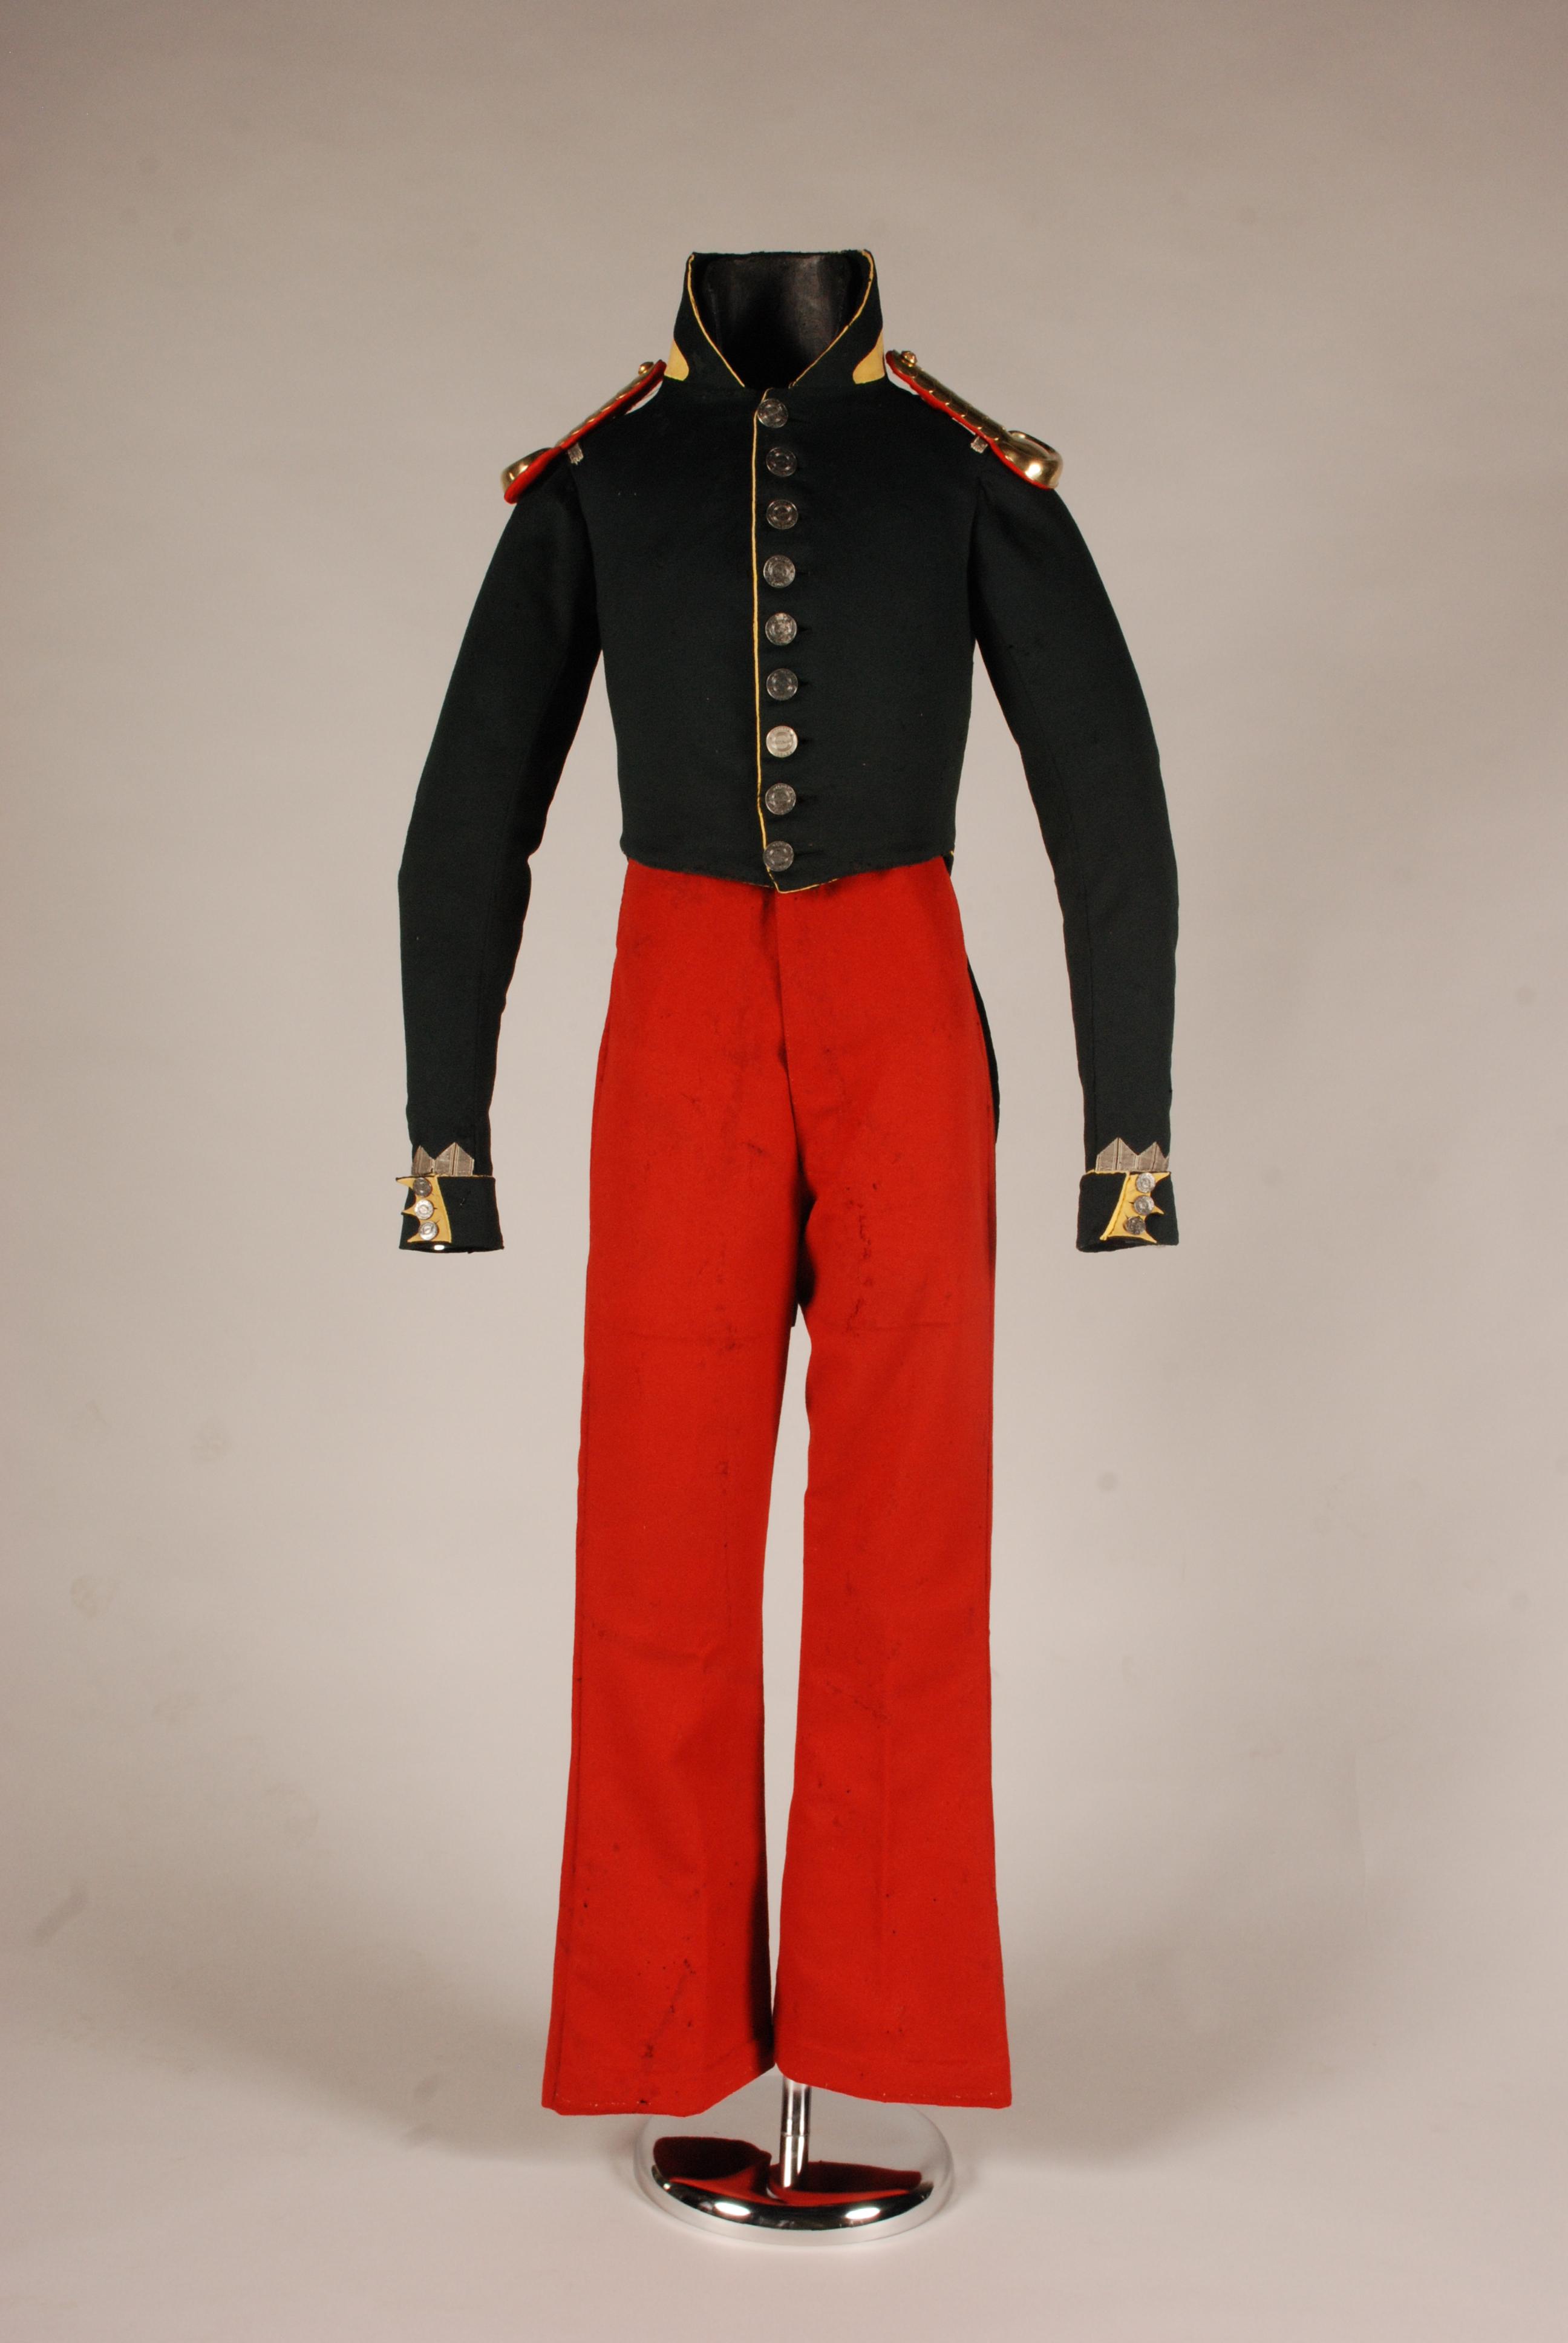 Bilboko setioko hiri miliziako ofizialaren uniformea